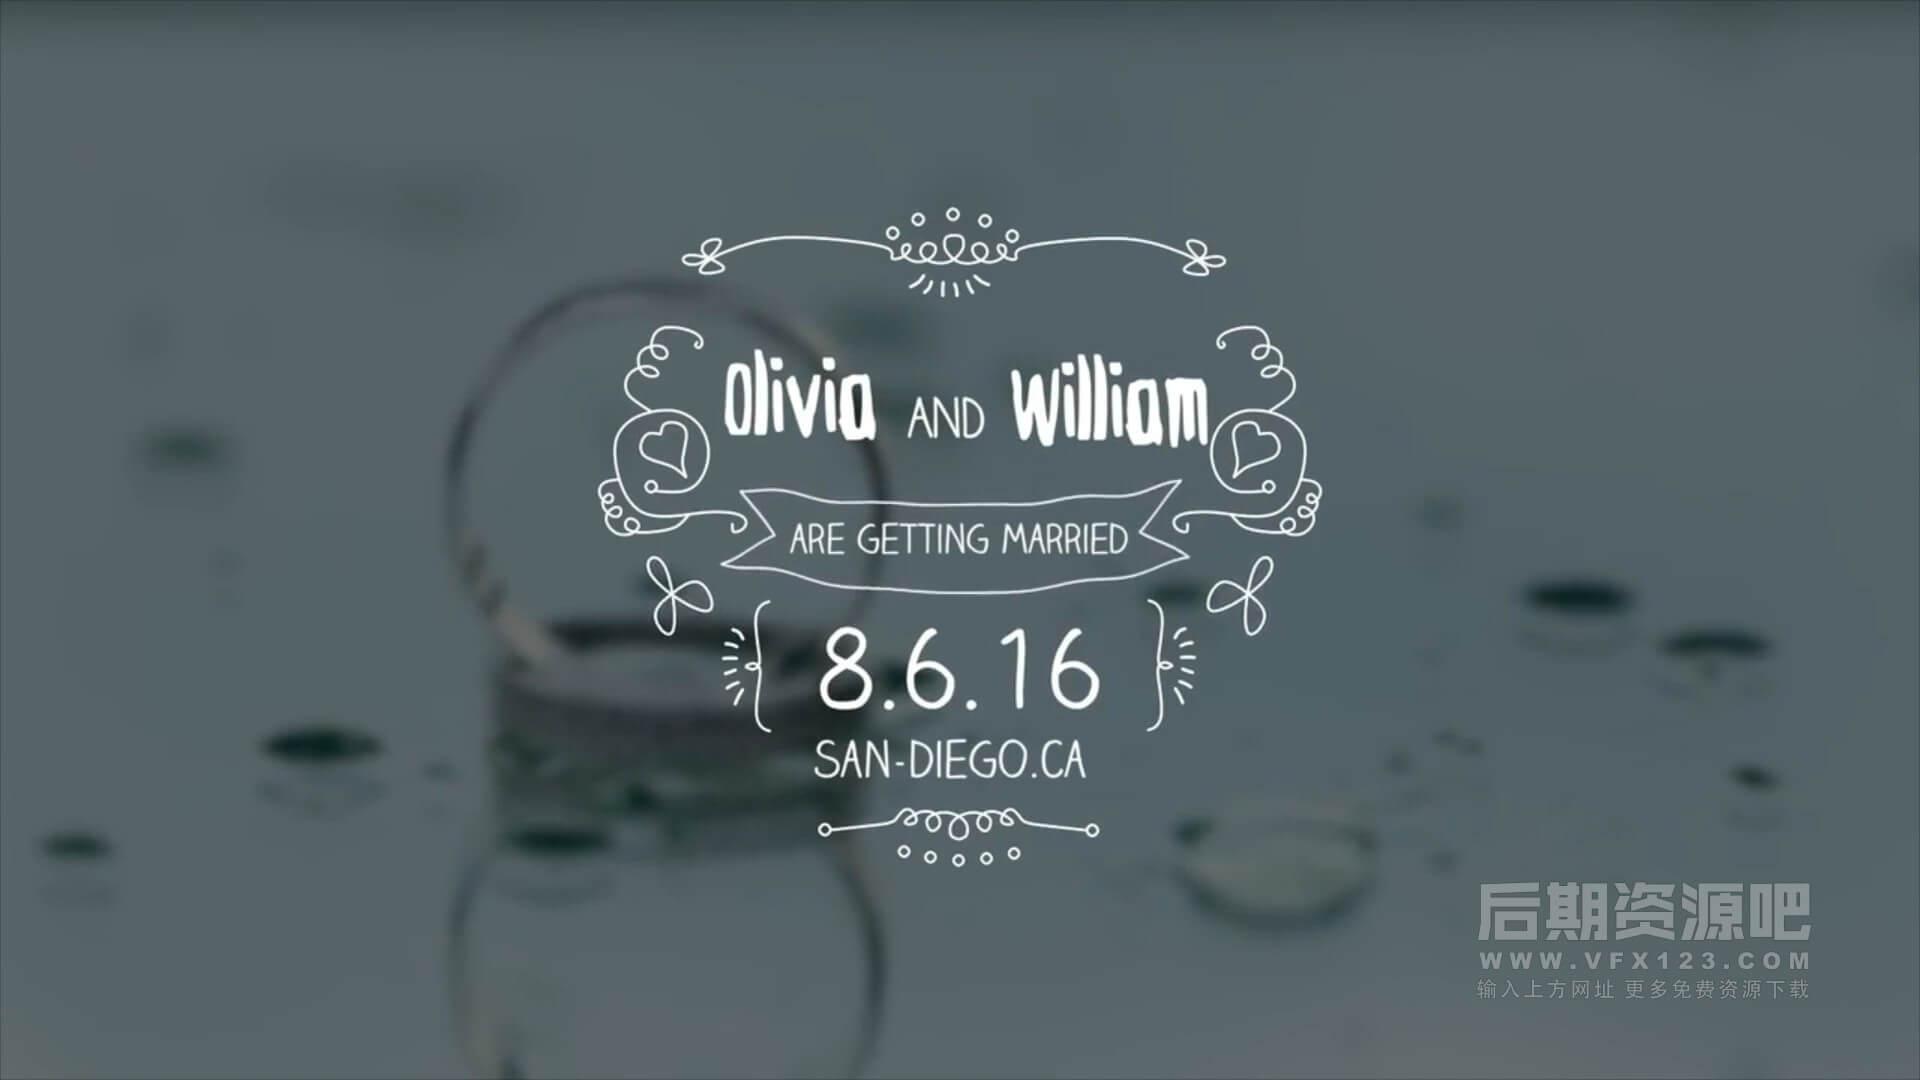 fcpx标题插件 手绘花纹生长动画婚礼日期人名标题 Wedding Hand Drawn Titles